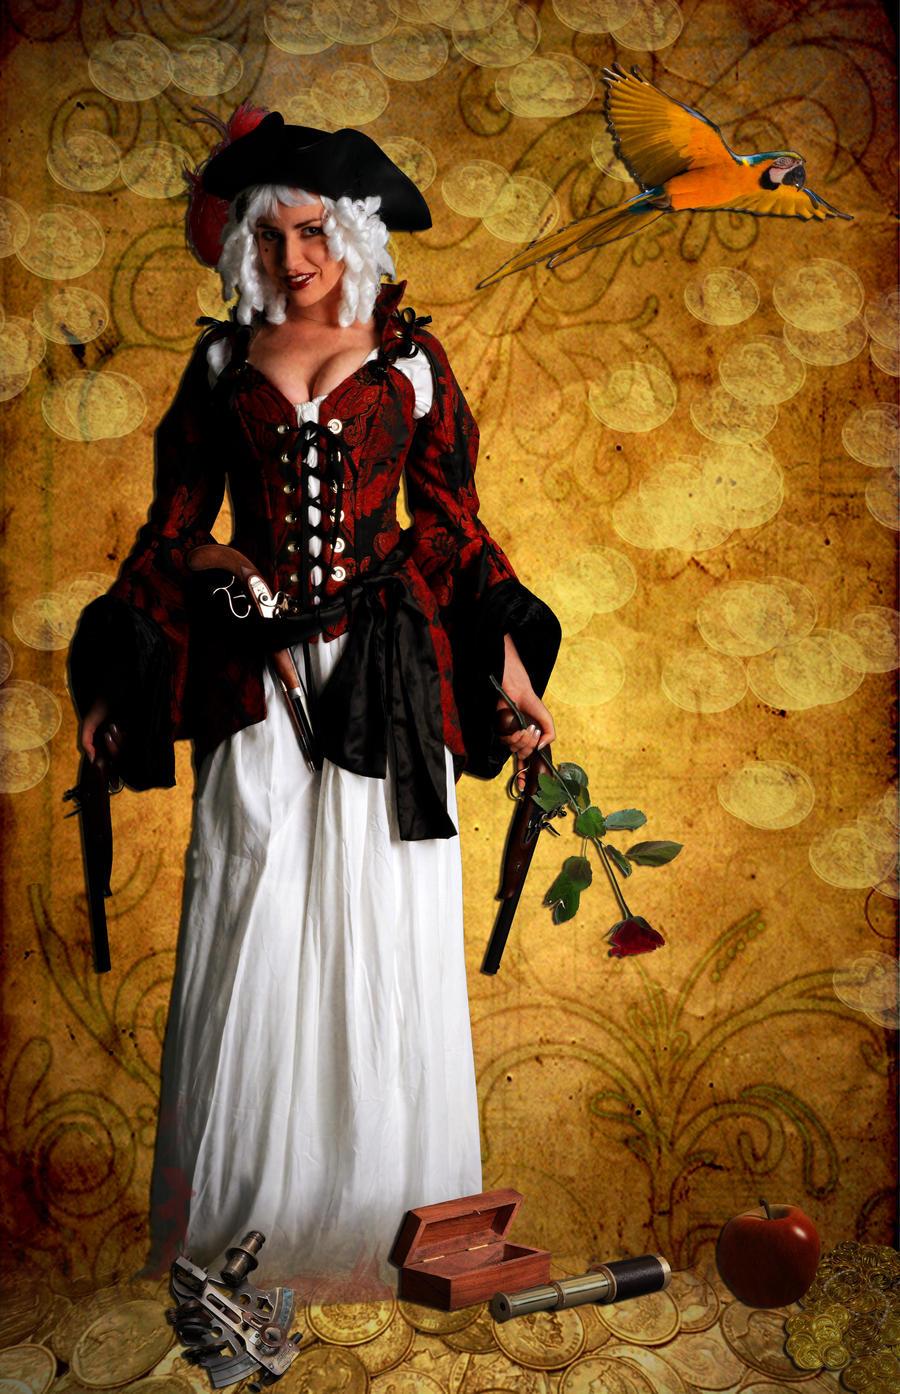 Pirate dream...